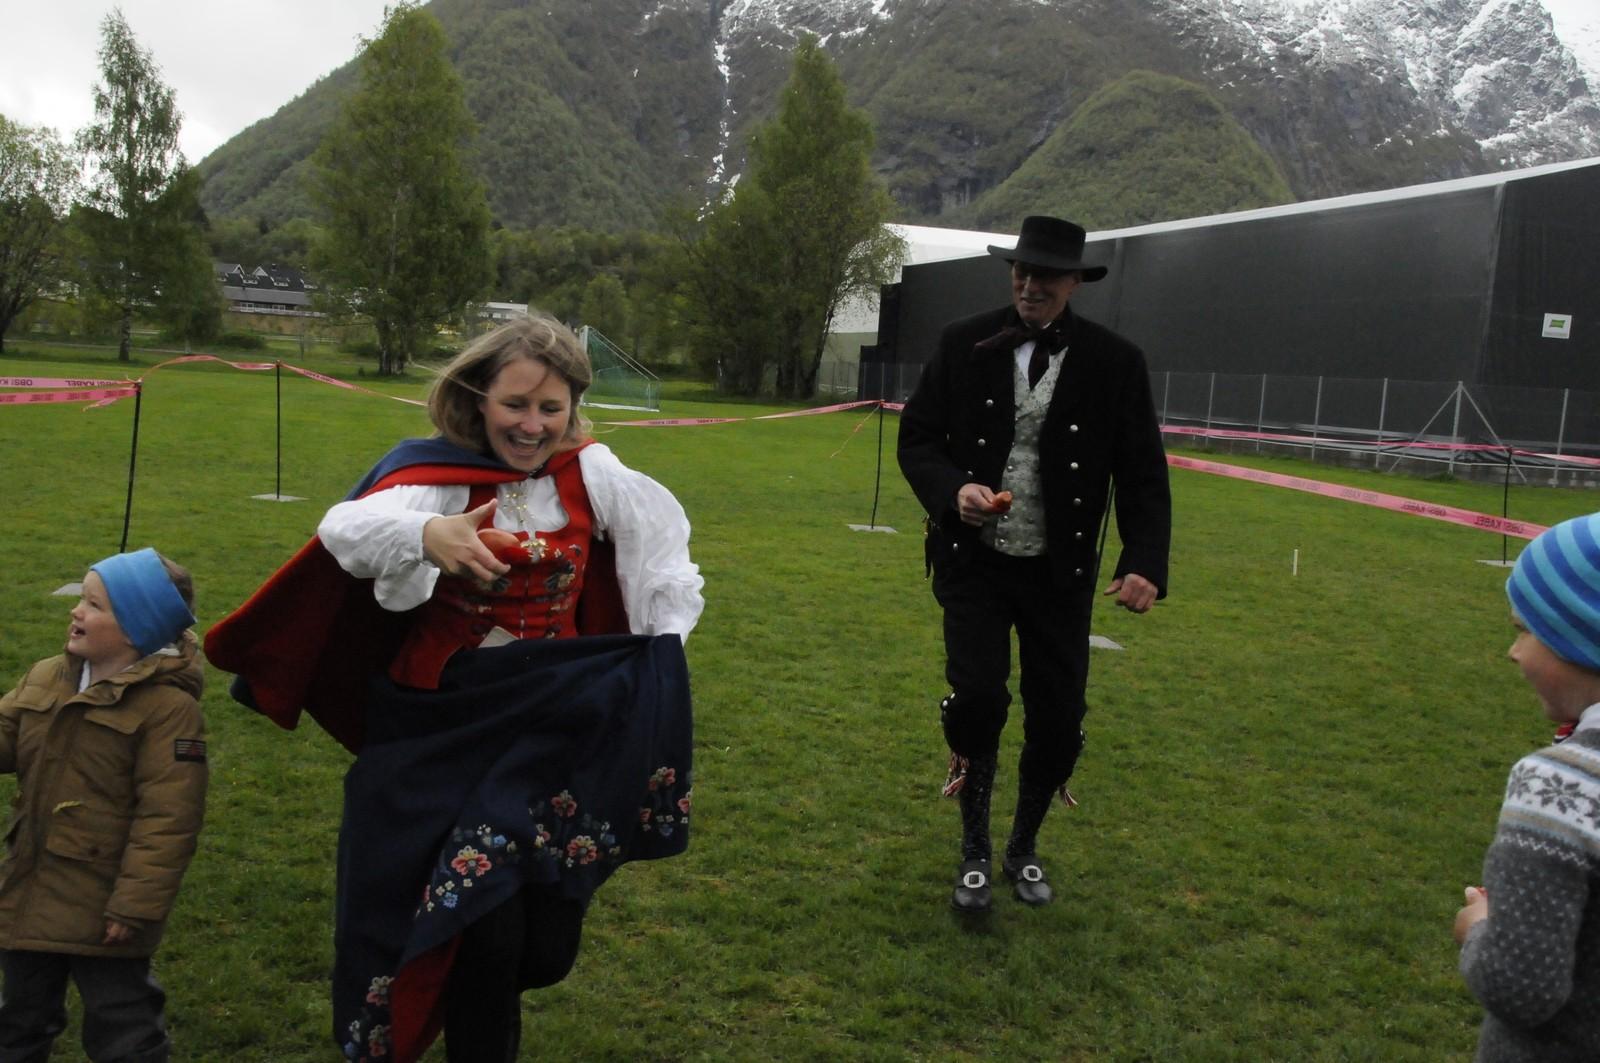 Ingen 17 mai uten sekkeløp. Her er det Gry Torsteinsen og Tommy Jensen som kappest i Åndalsnes.